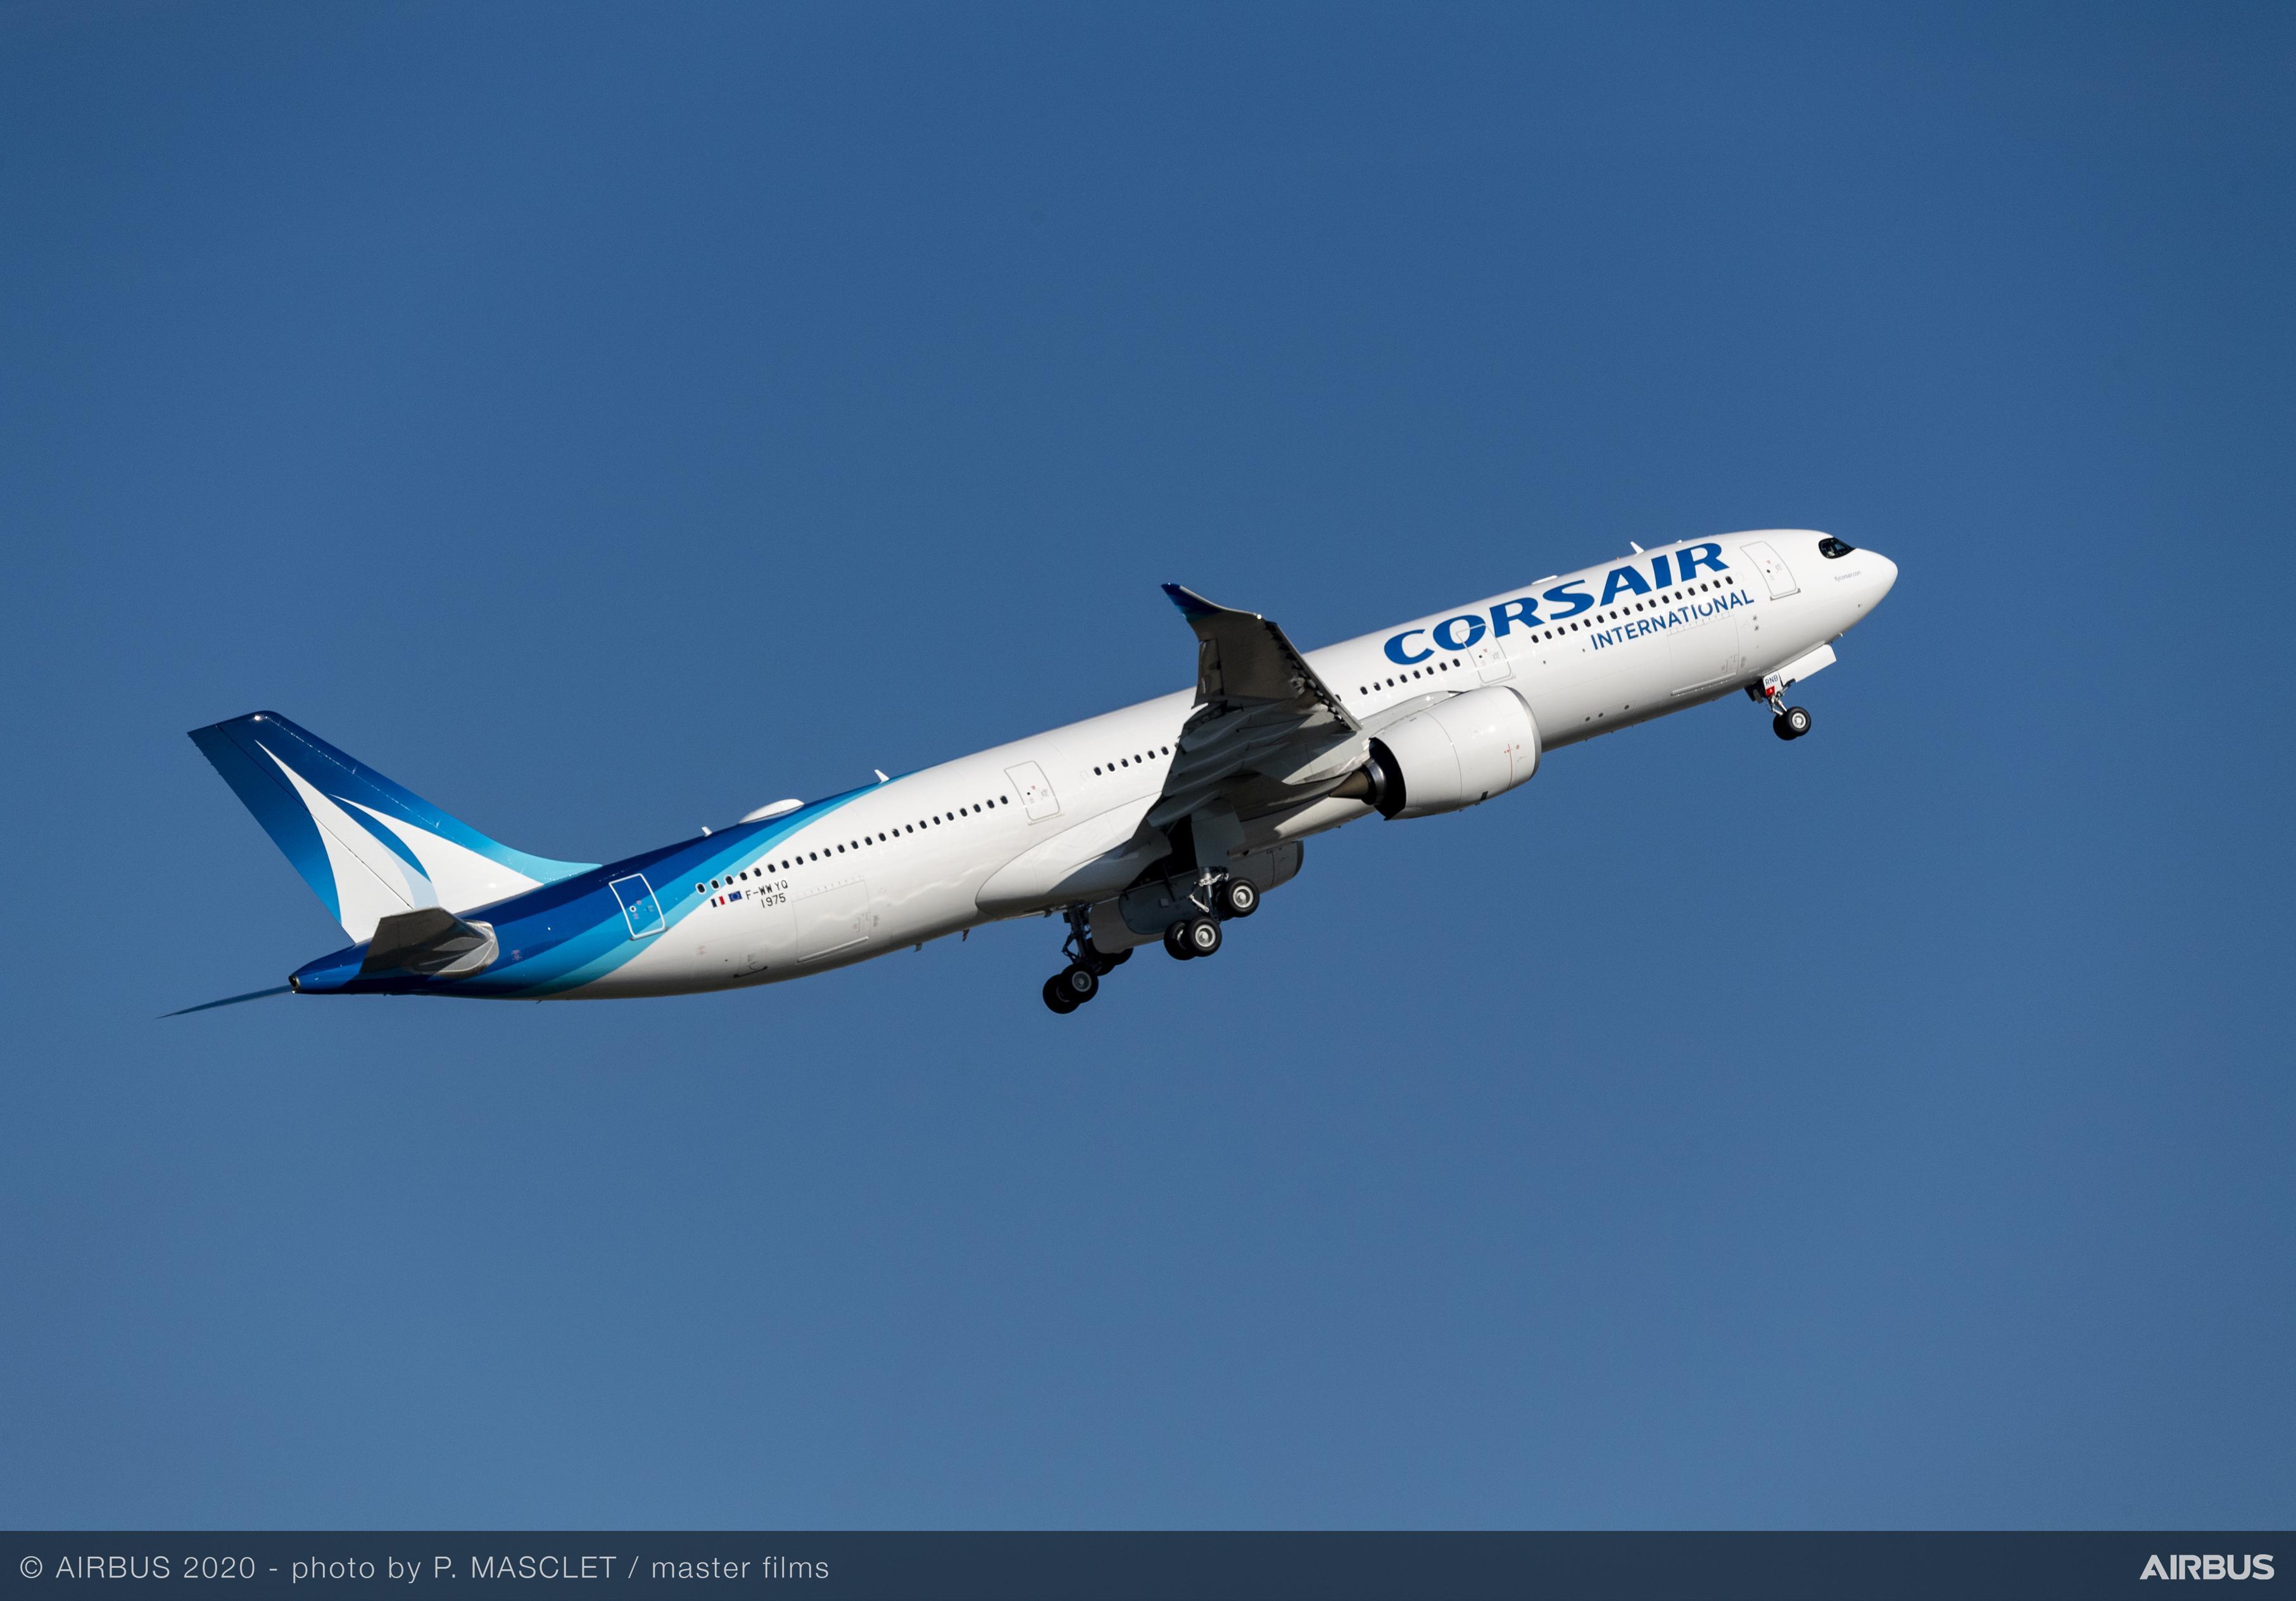 Desserte aérienne : Corsair reliera dès le 20 juin Marseille et Lyon depuis La Réunion et Mayotte sur ses nouveaux appareils A330neo